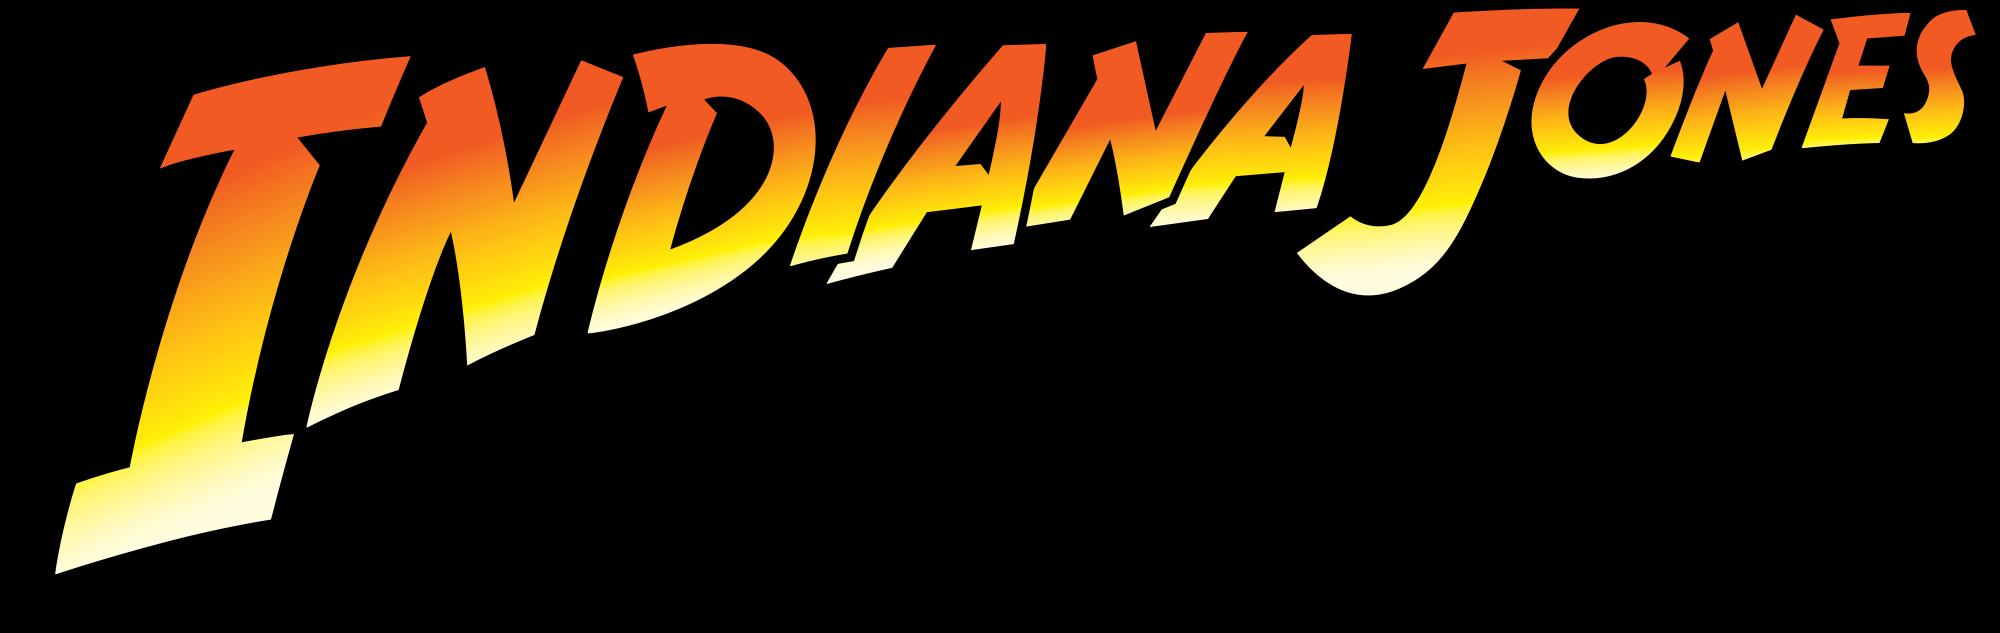 Indiana Jones (franchise)